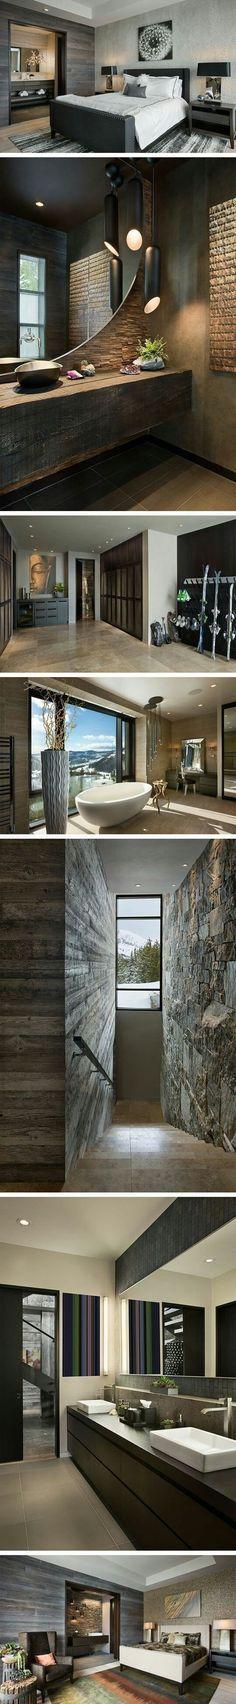 Wie wunderschön ist dieses Haus? Und man kann dort auch noch Skifahren!?